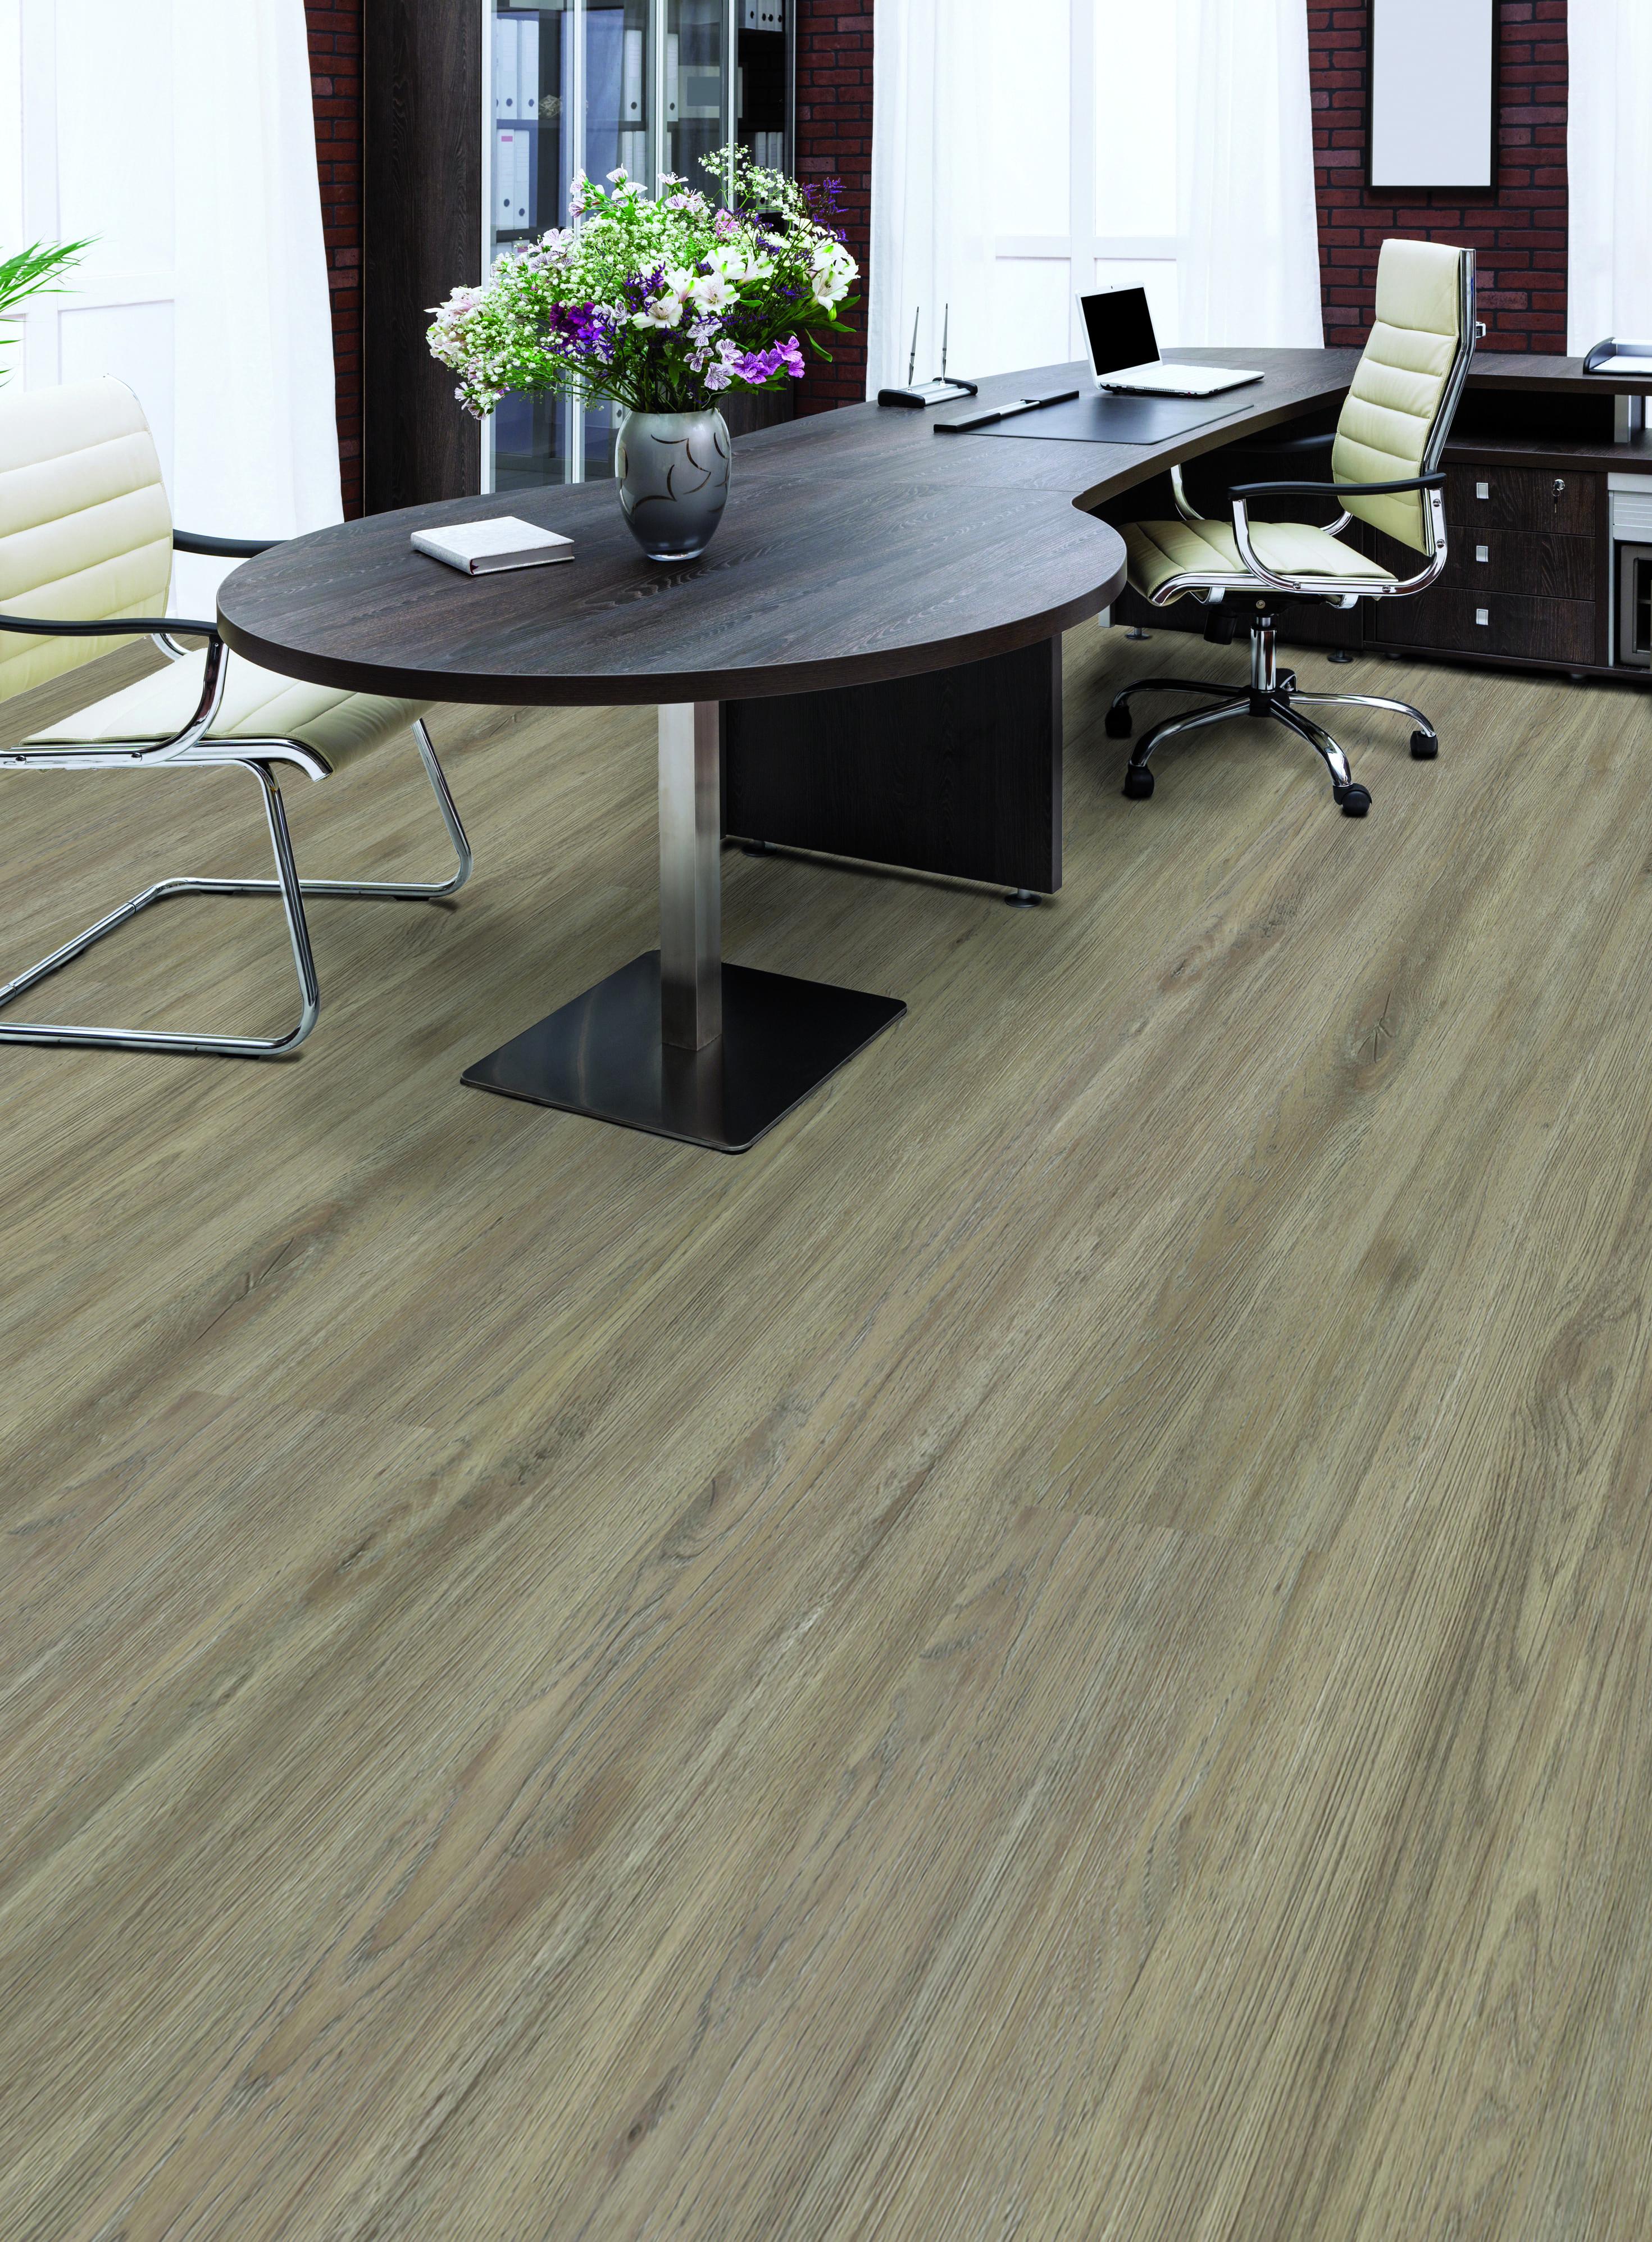 esche holzoptik dekor vinylboden kleben vinylboden raumtrend hinze. Black Bedroom Furniture Sets. Home Design Ideas